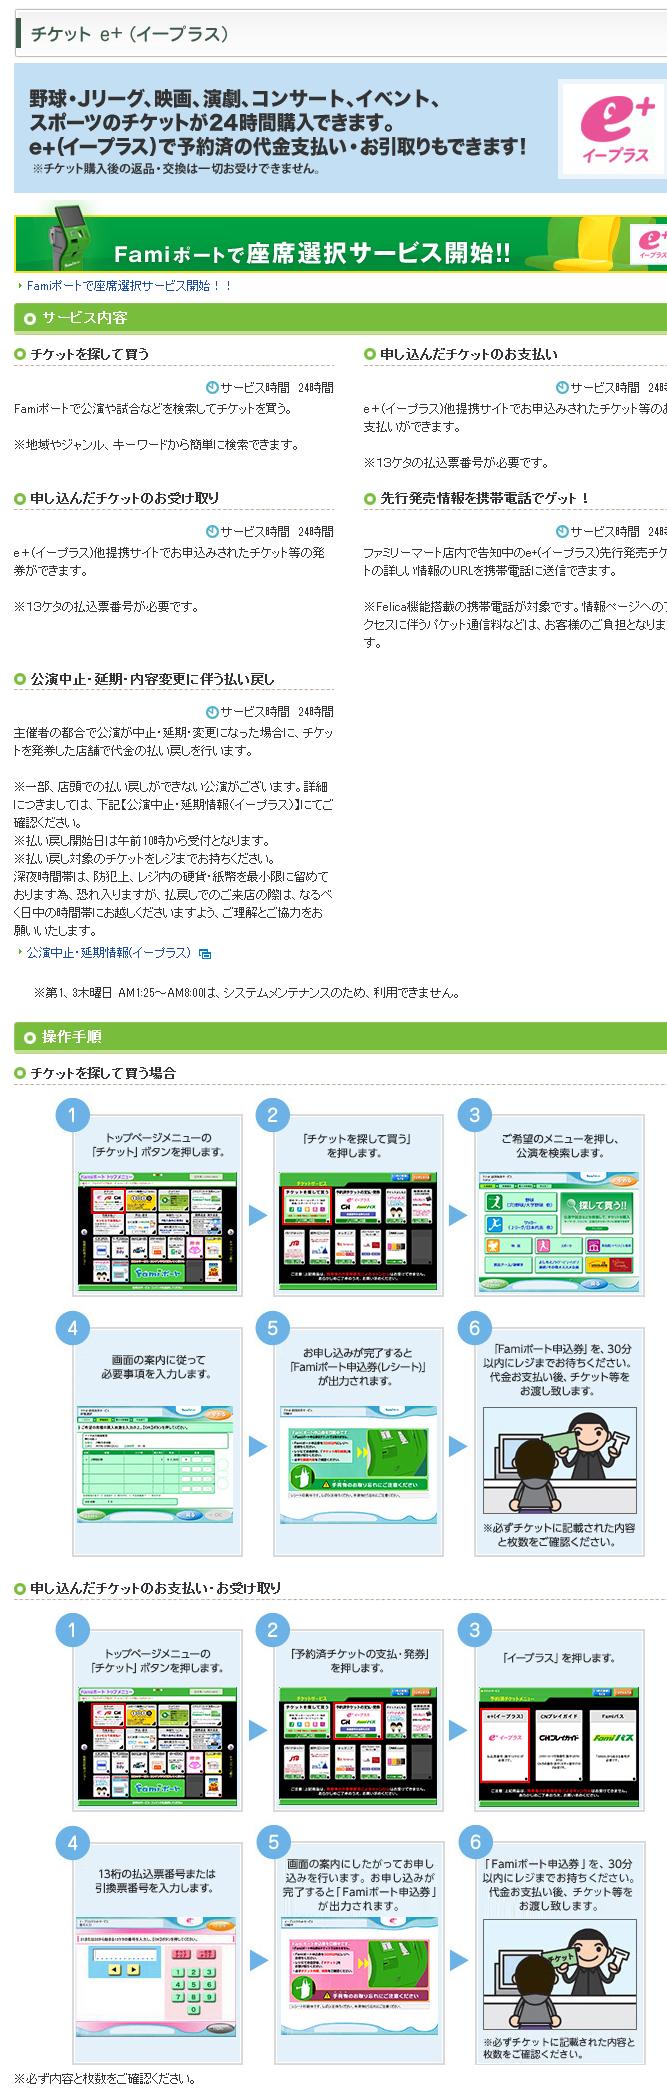 チケット e+(イープラス)|Famiポート|FamilyMart